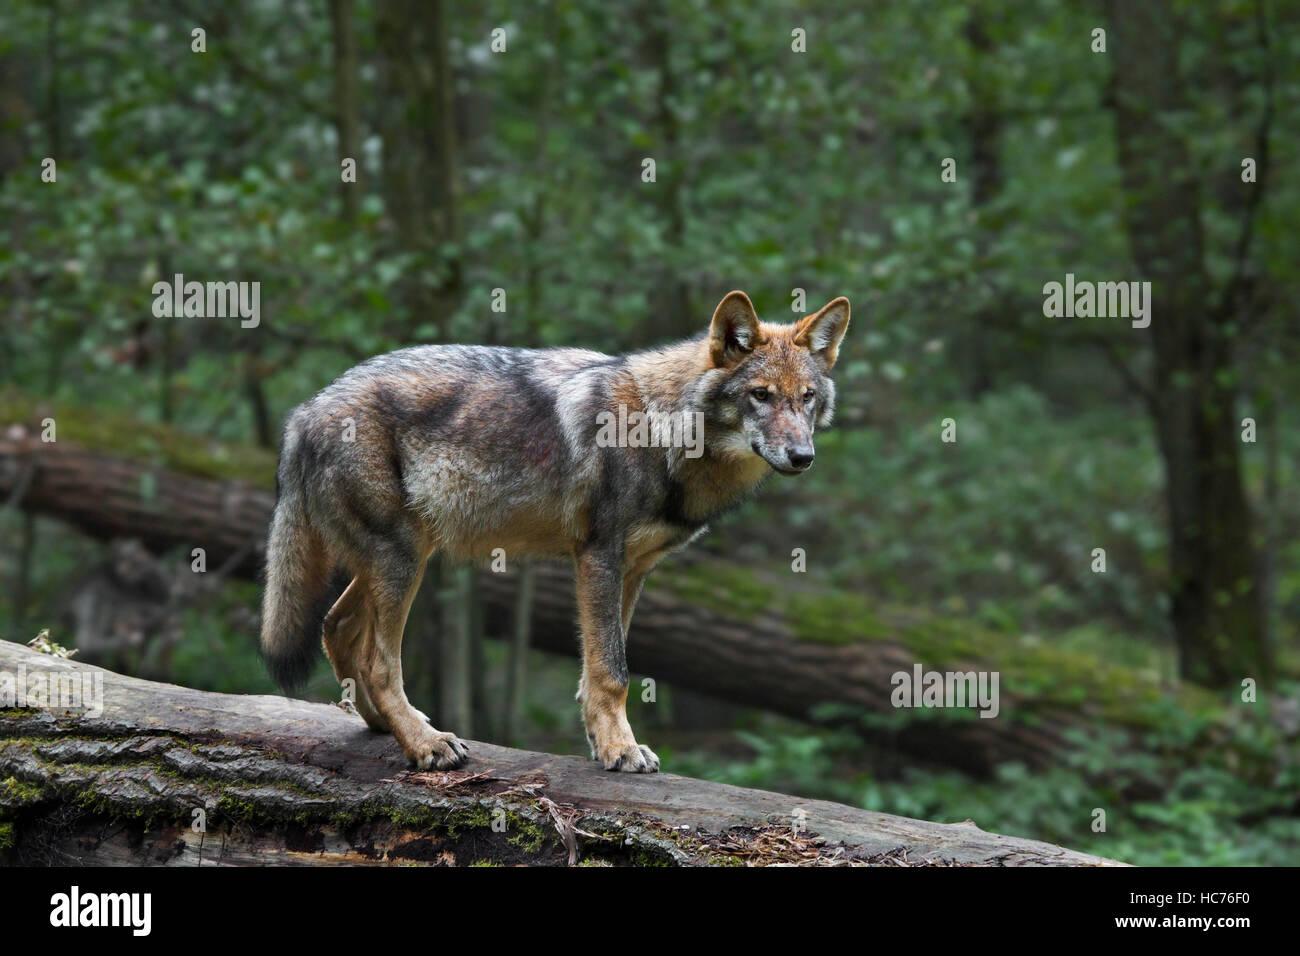 Einsamer grauer Wolf / grey Wolf (Canis Lupus) an gefallenen Baumstamm im Wald Stockbild